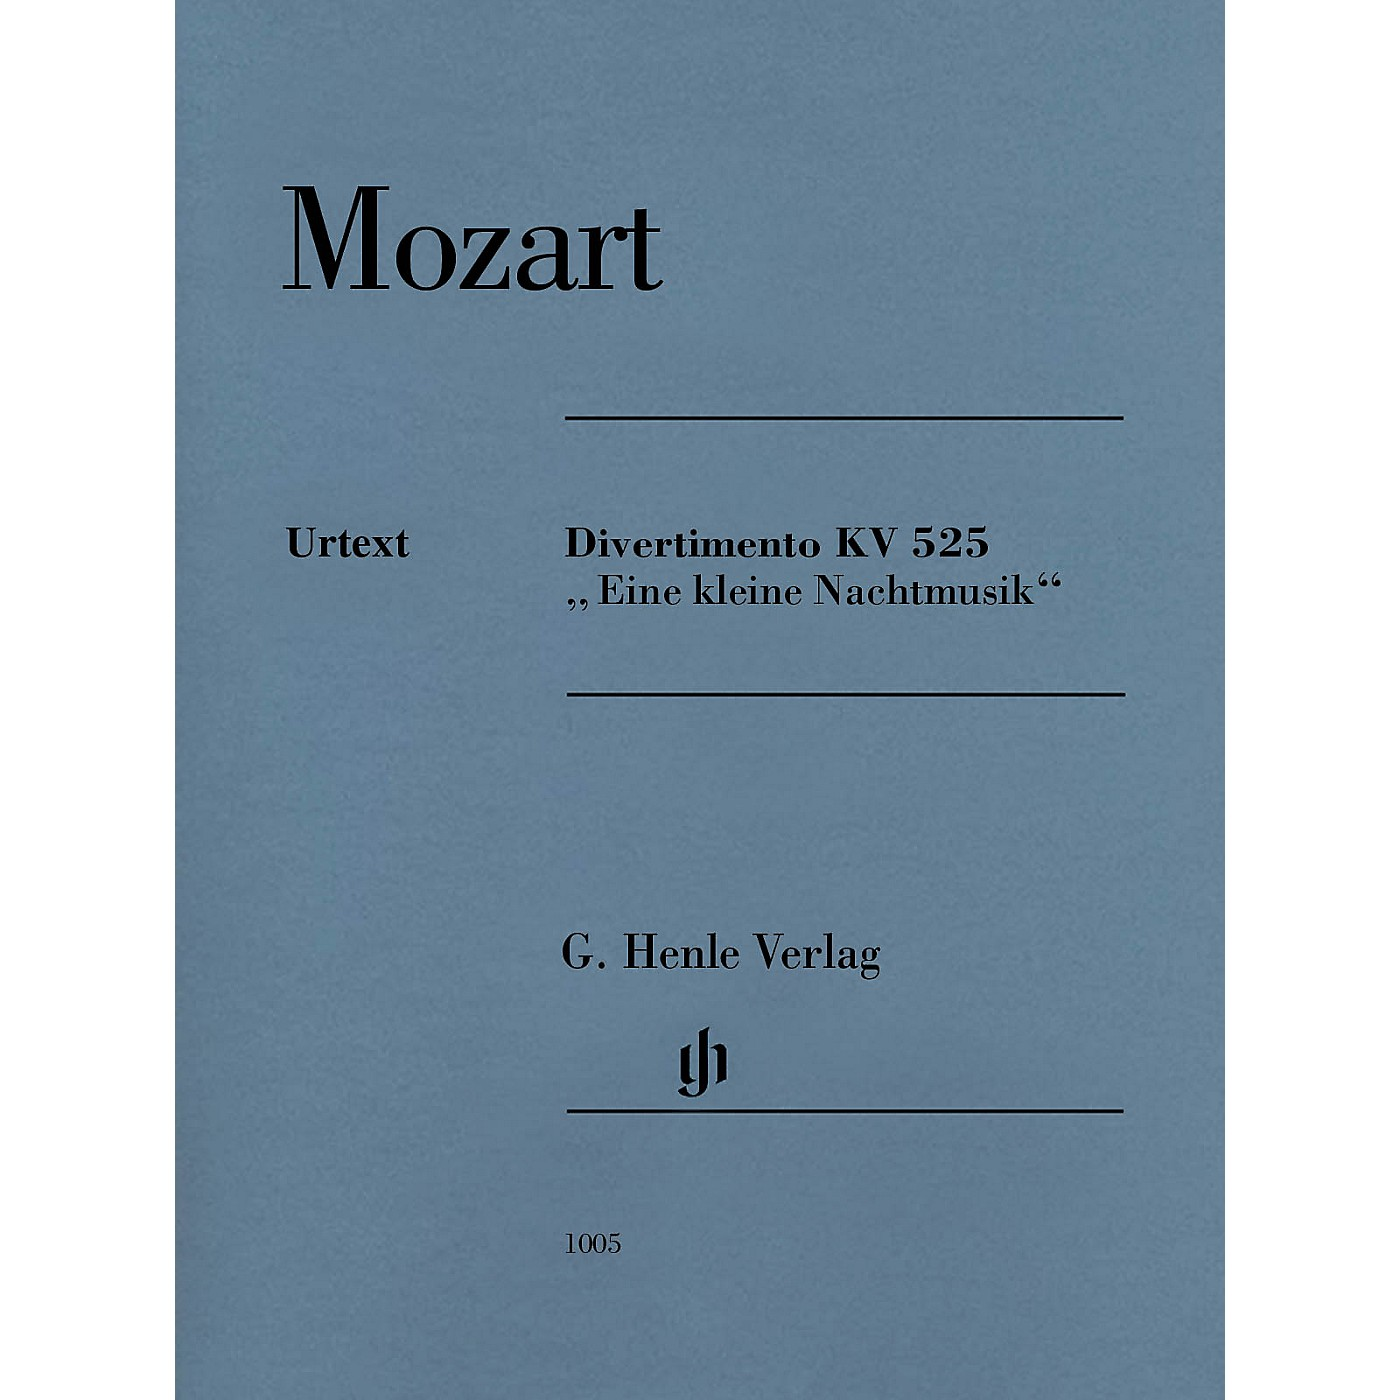 G. Henle Verlag Divertimento K525 Eine kleine Nachtmusik Henle Music by Mozart Edited by Wolf-Dieter Seiffert thumbnail